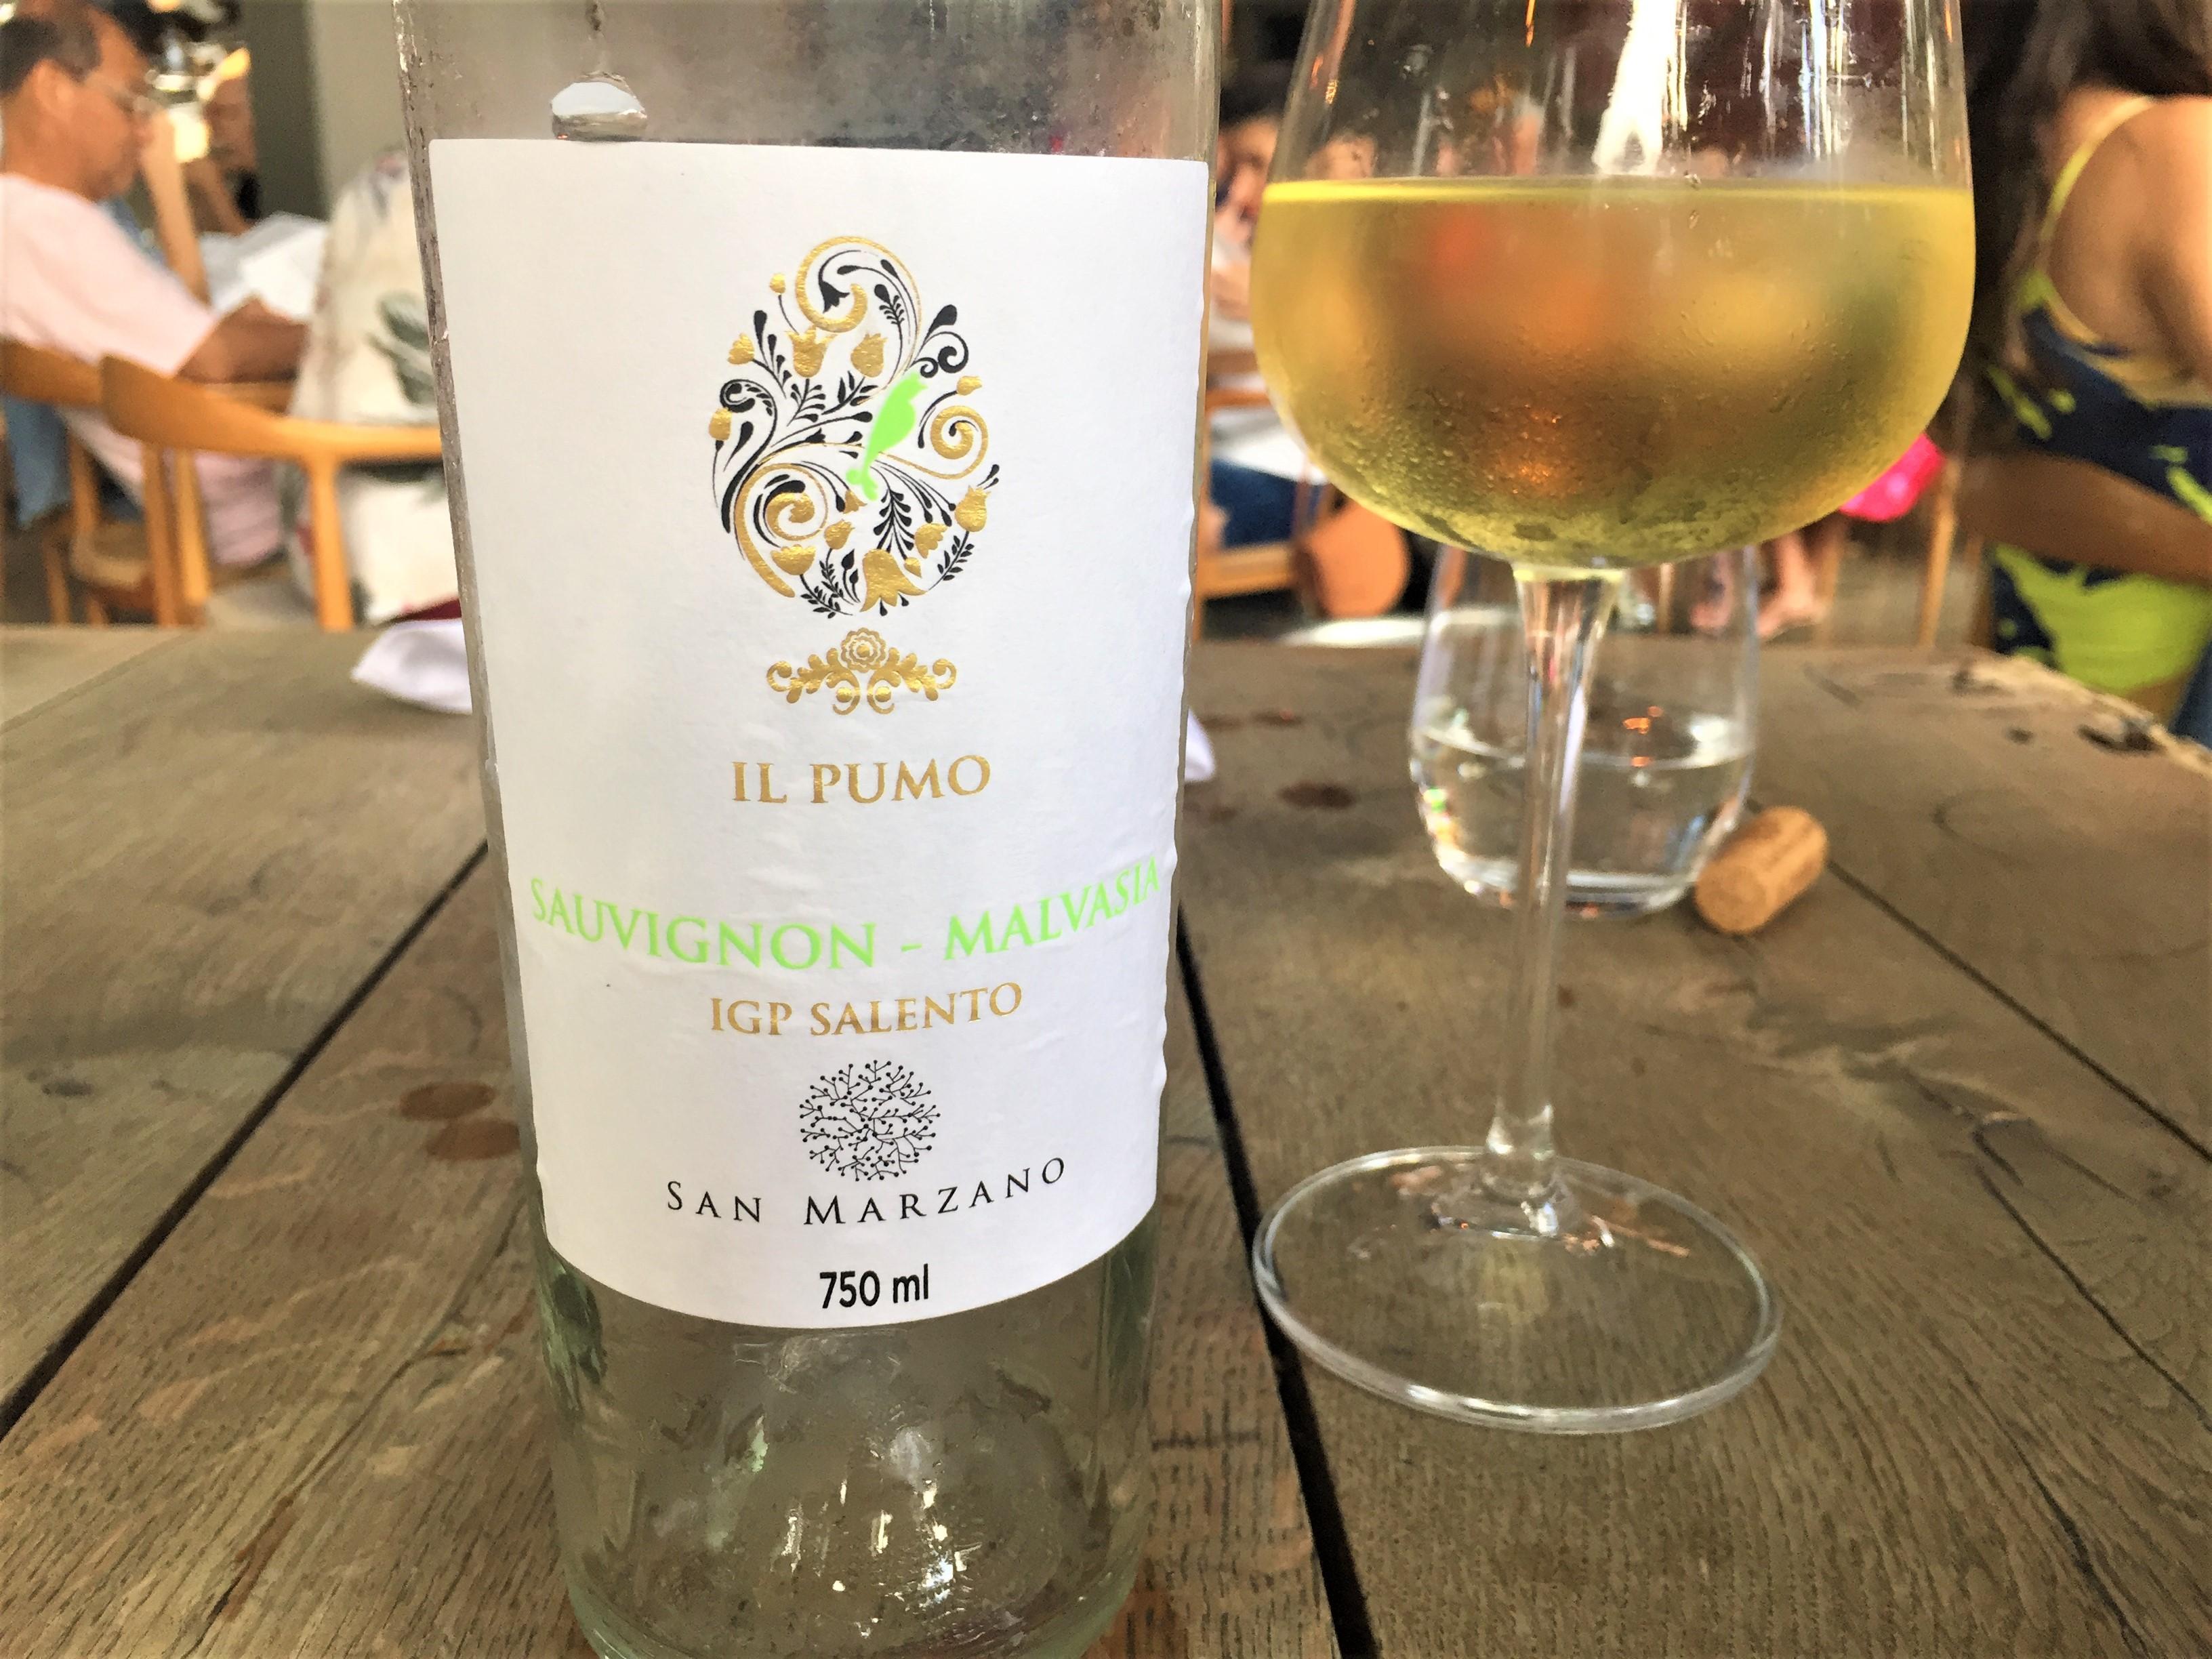 Il Pumo SAuvignon Blanc Malvasia